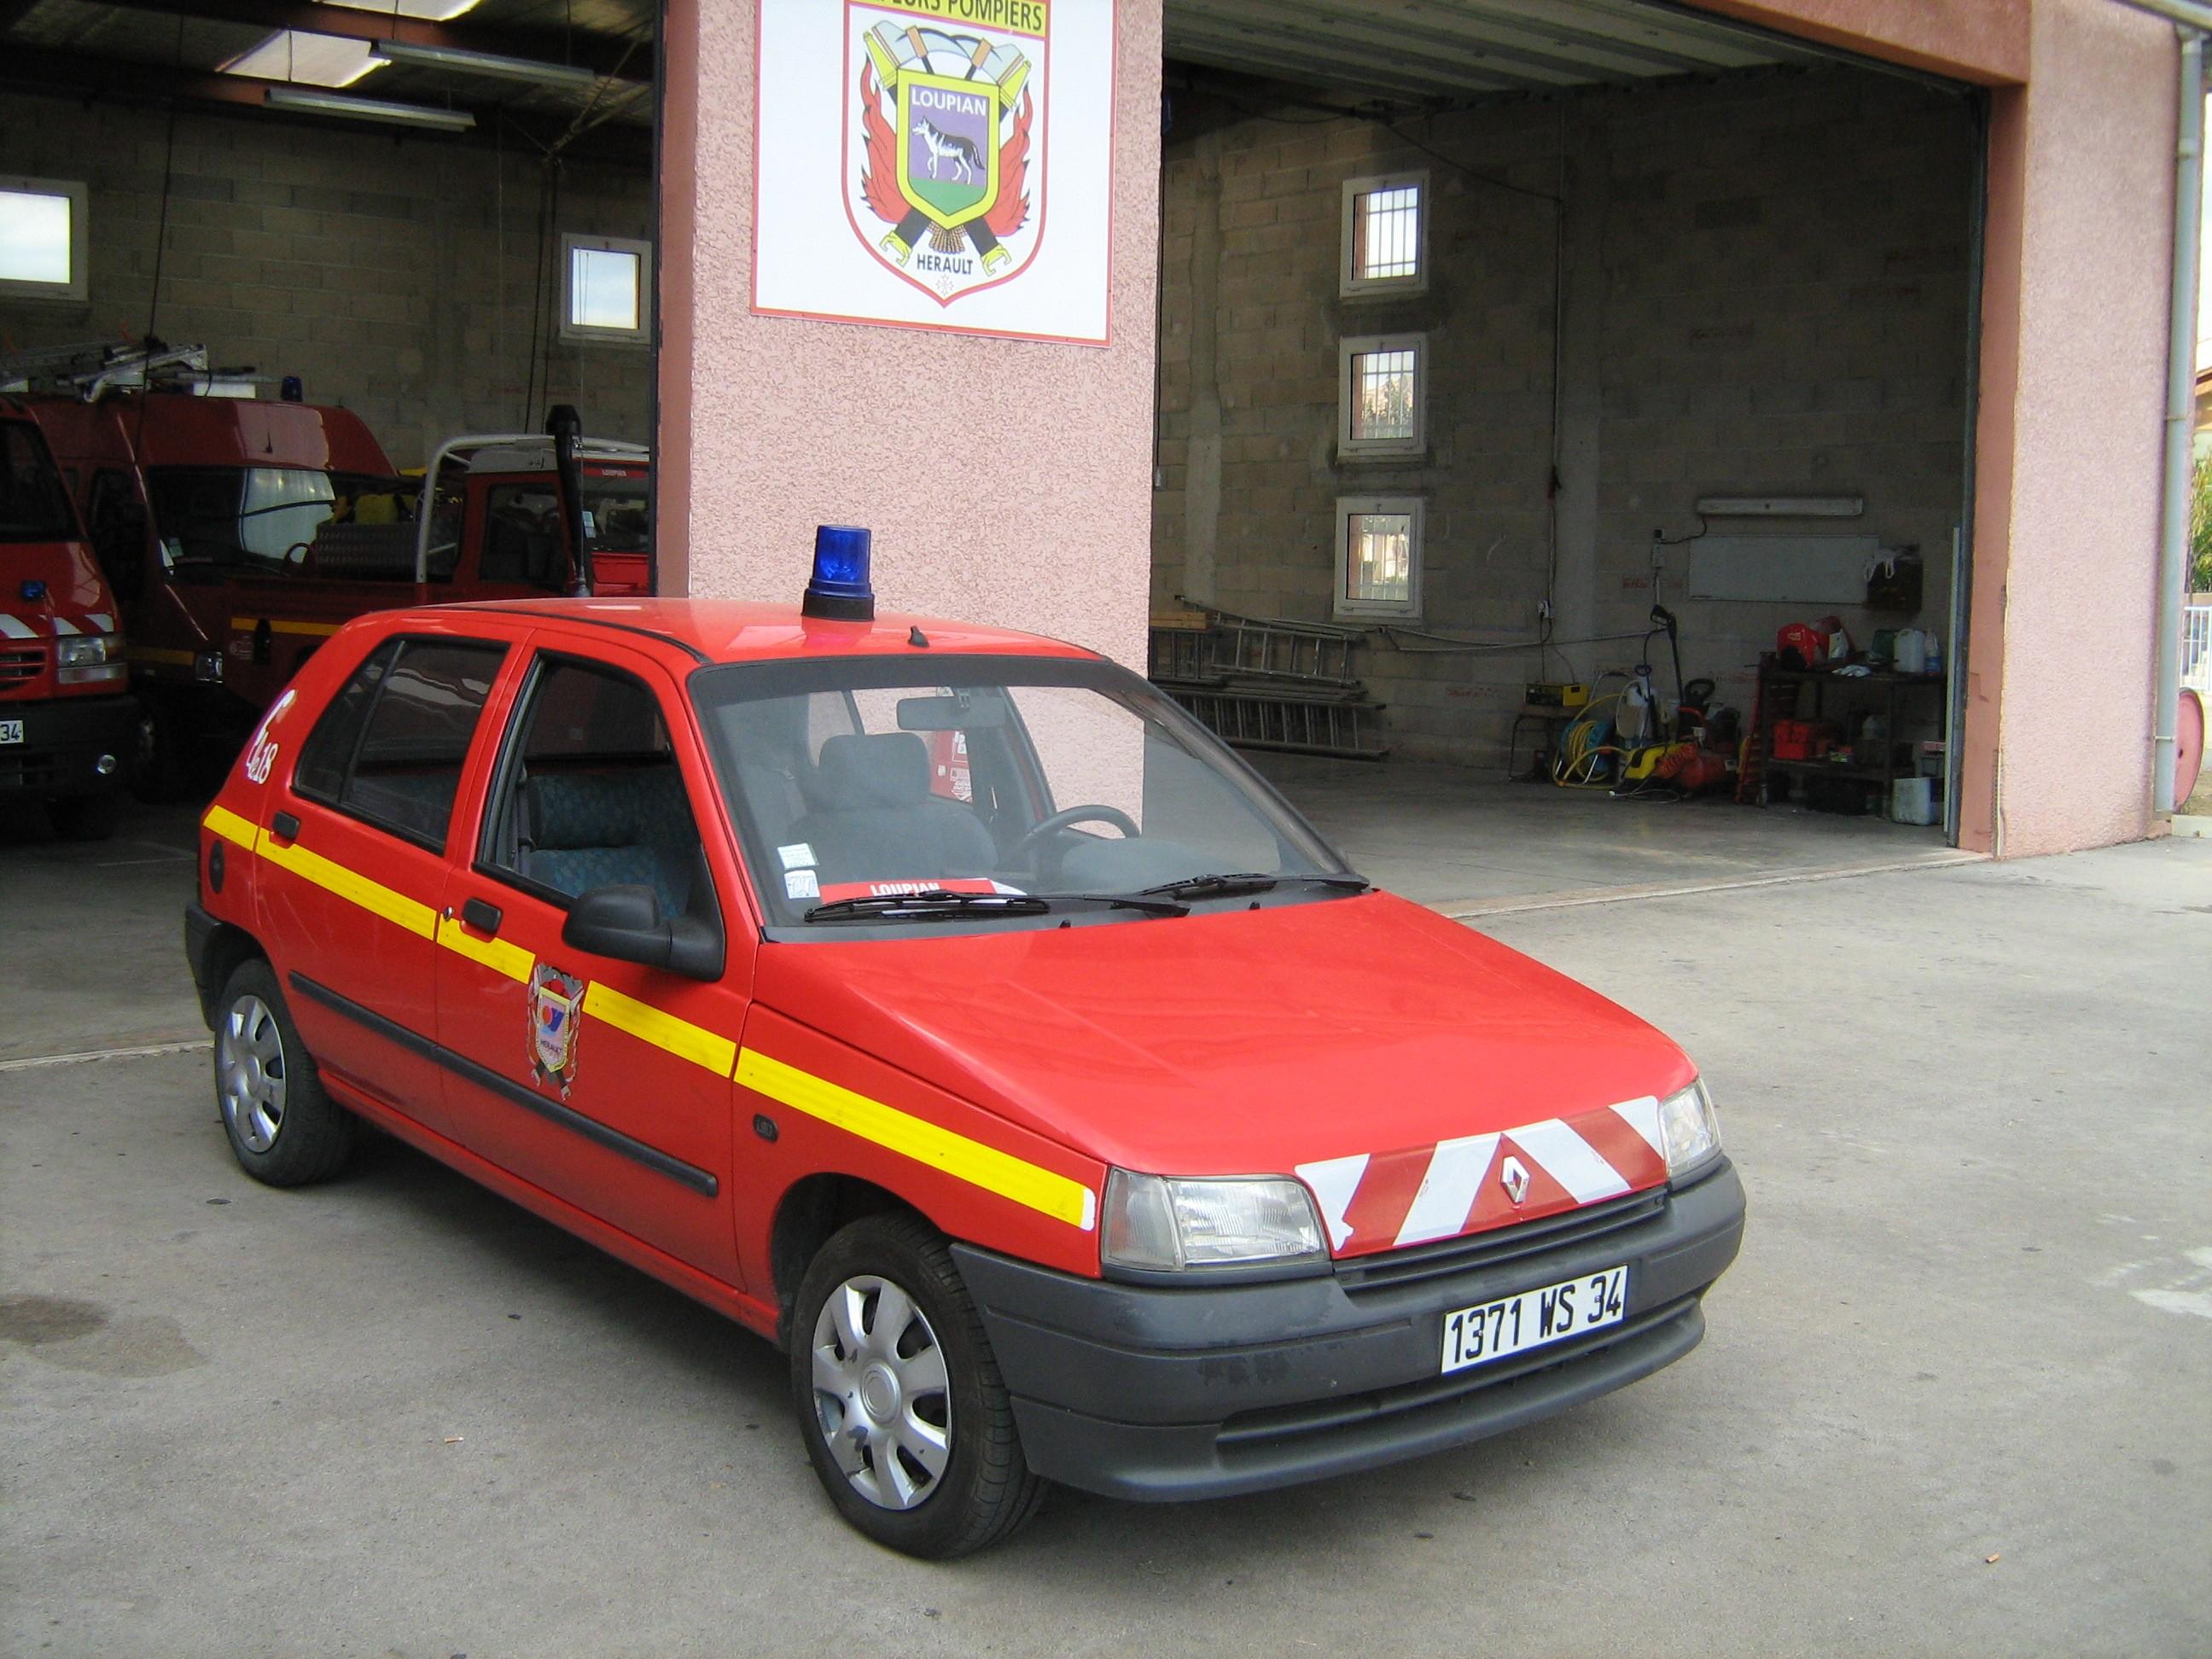 V hicules des pompiers fran ais page 281 auto titre for Garage bouzonville auto